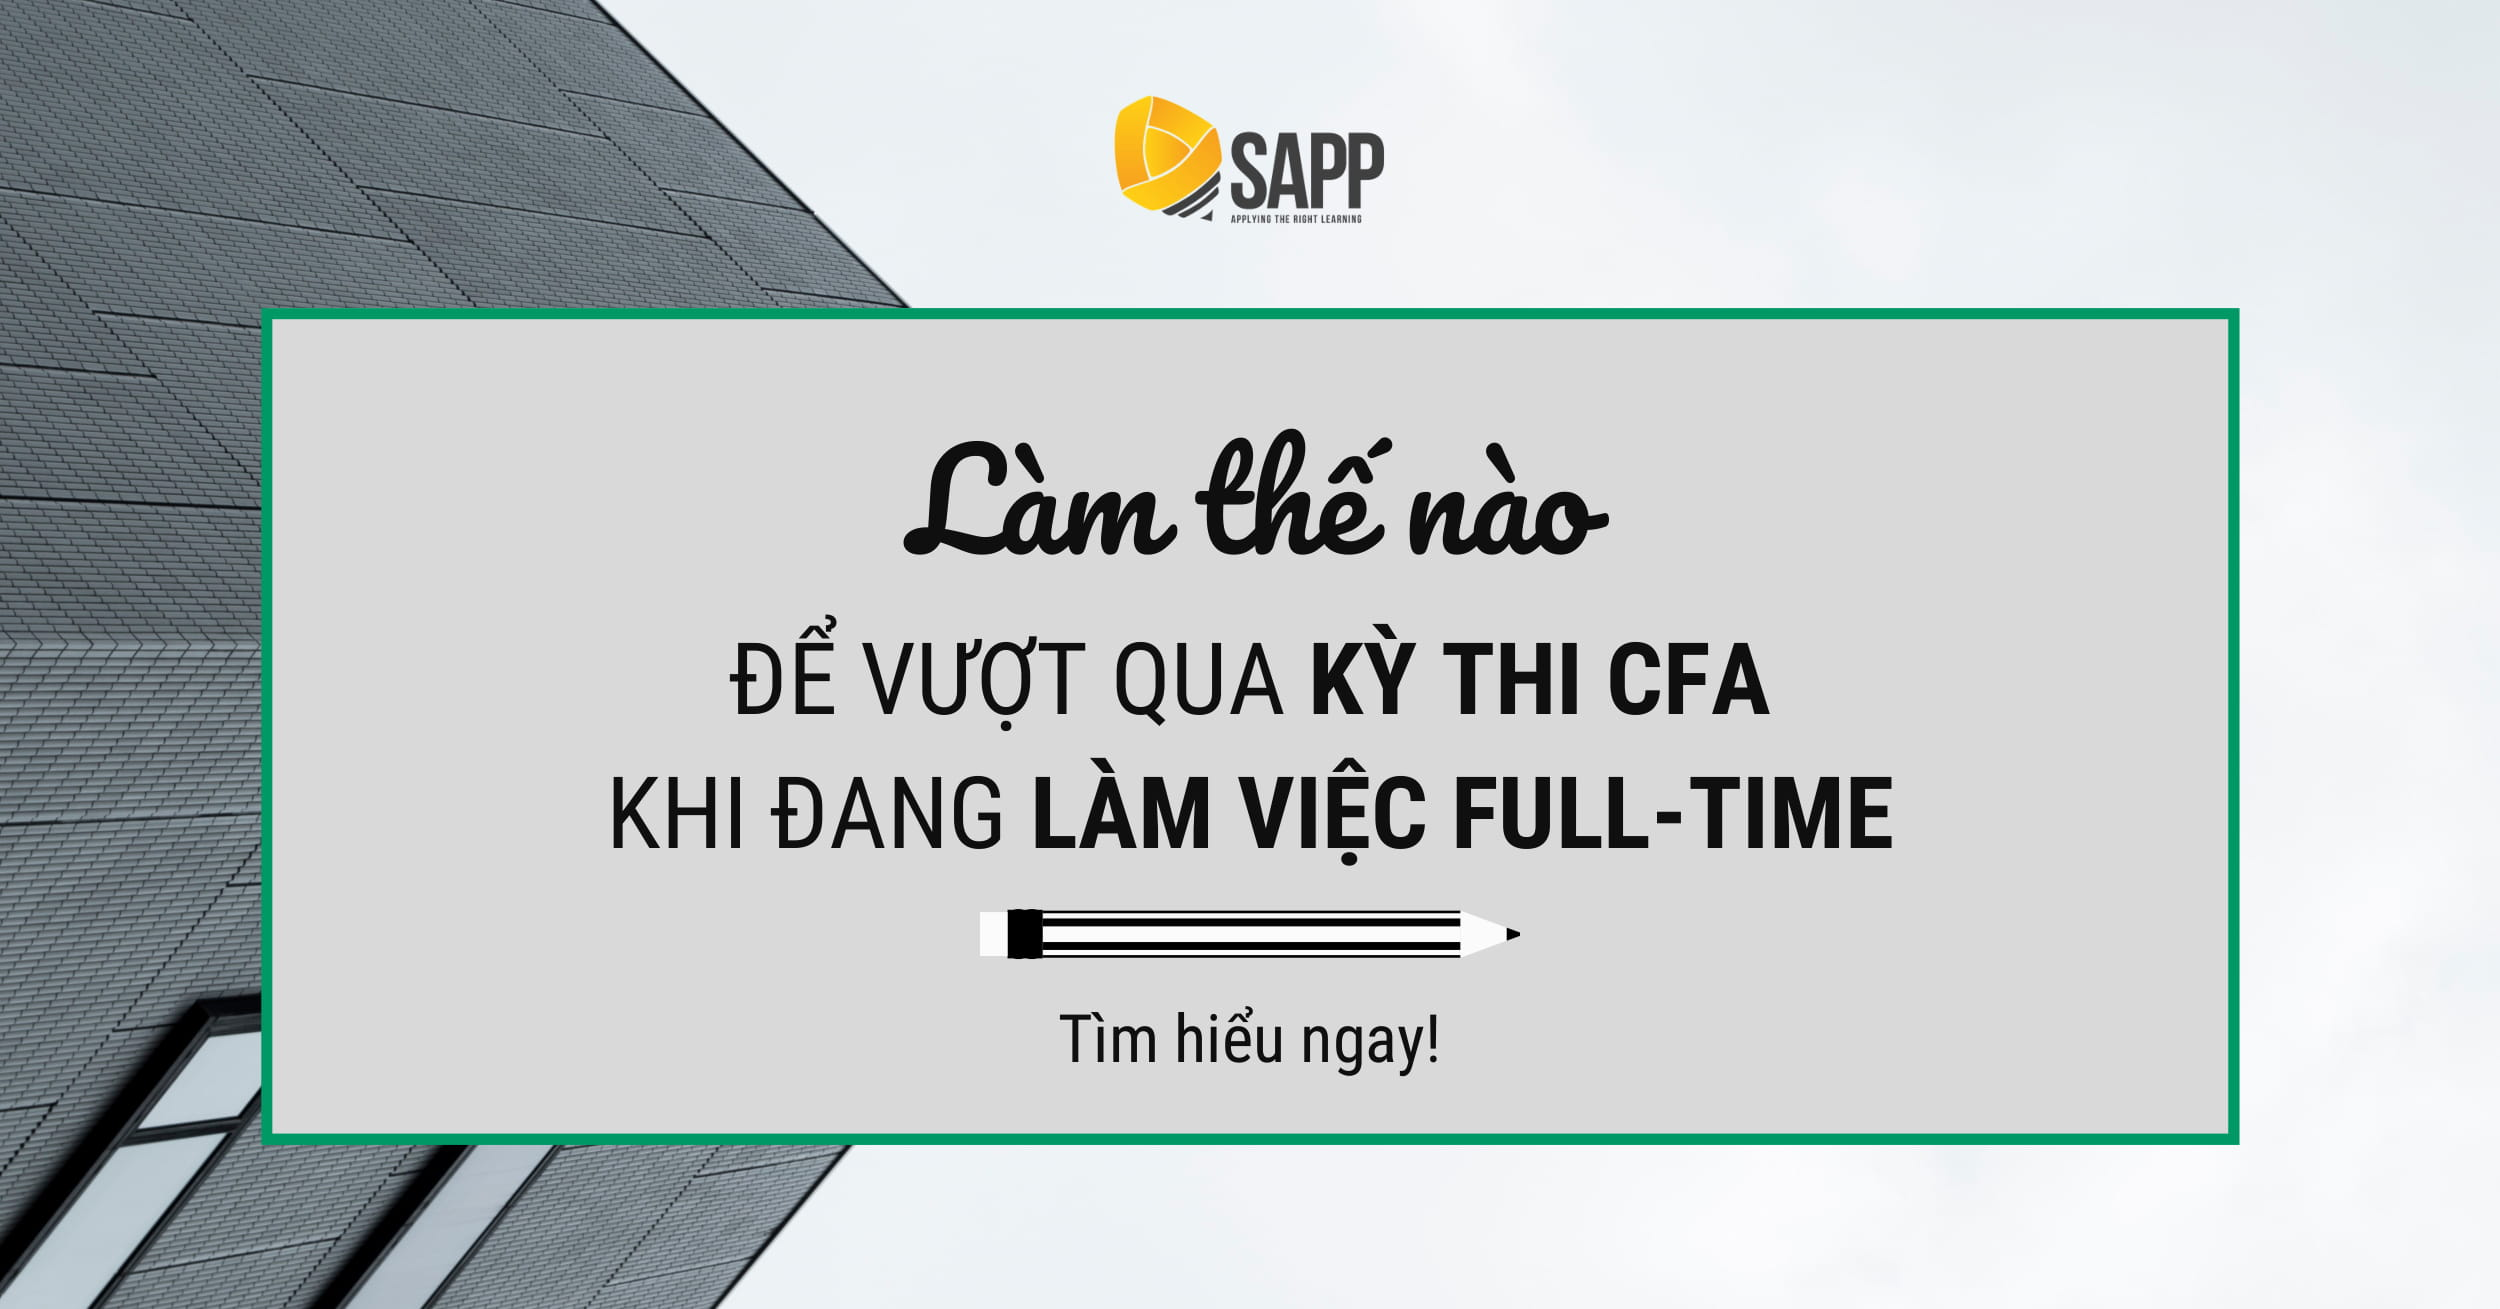 Làm Thế Nào Để Vượt Qua Kỳ Thi CFA Khi Đang Làm Việc Full Time? - SAPP Academy